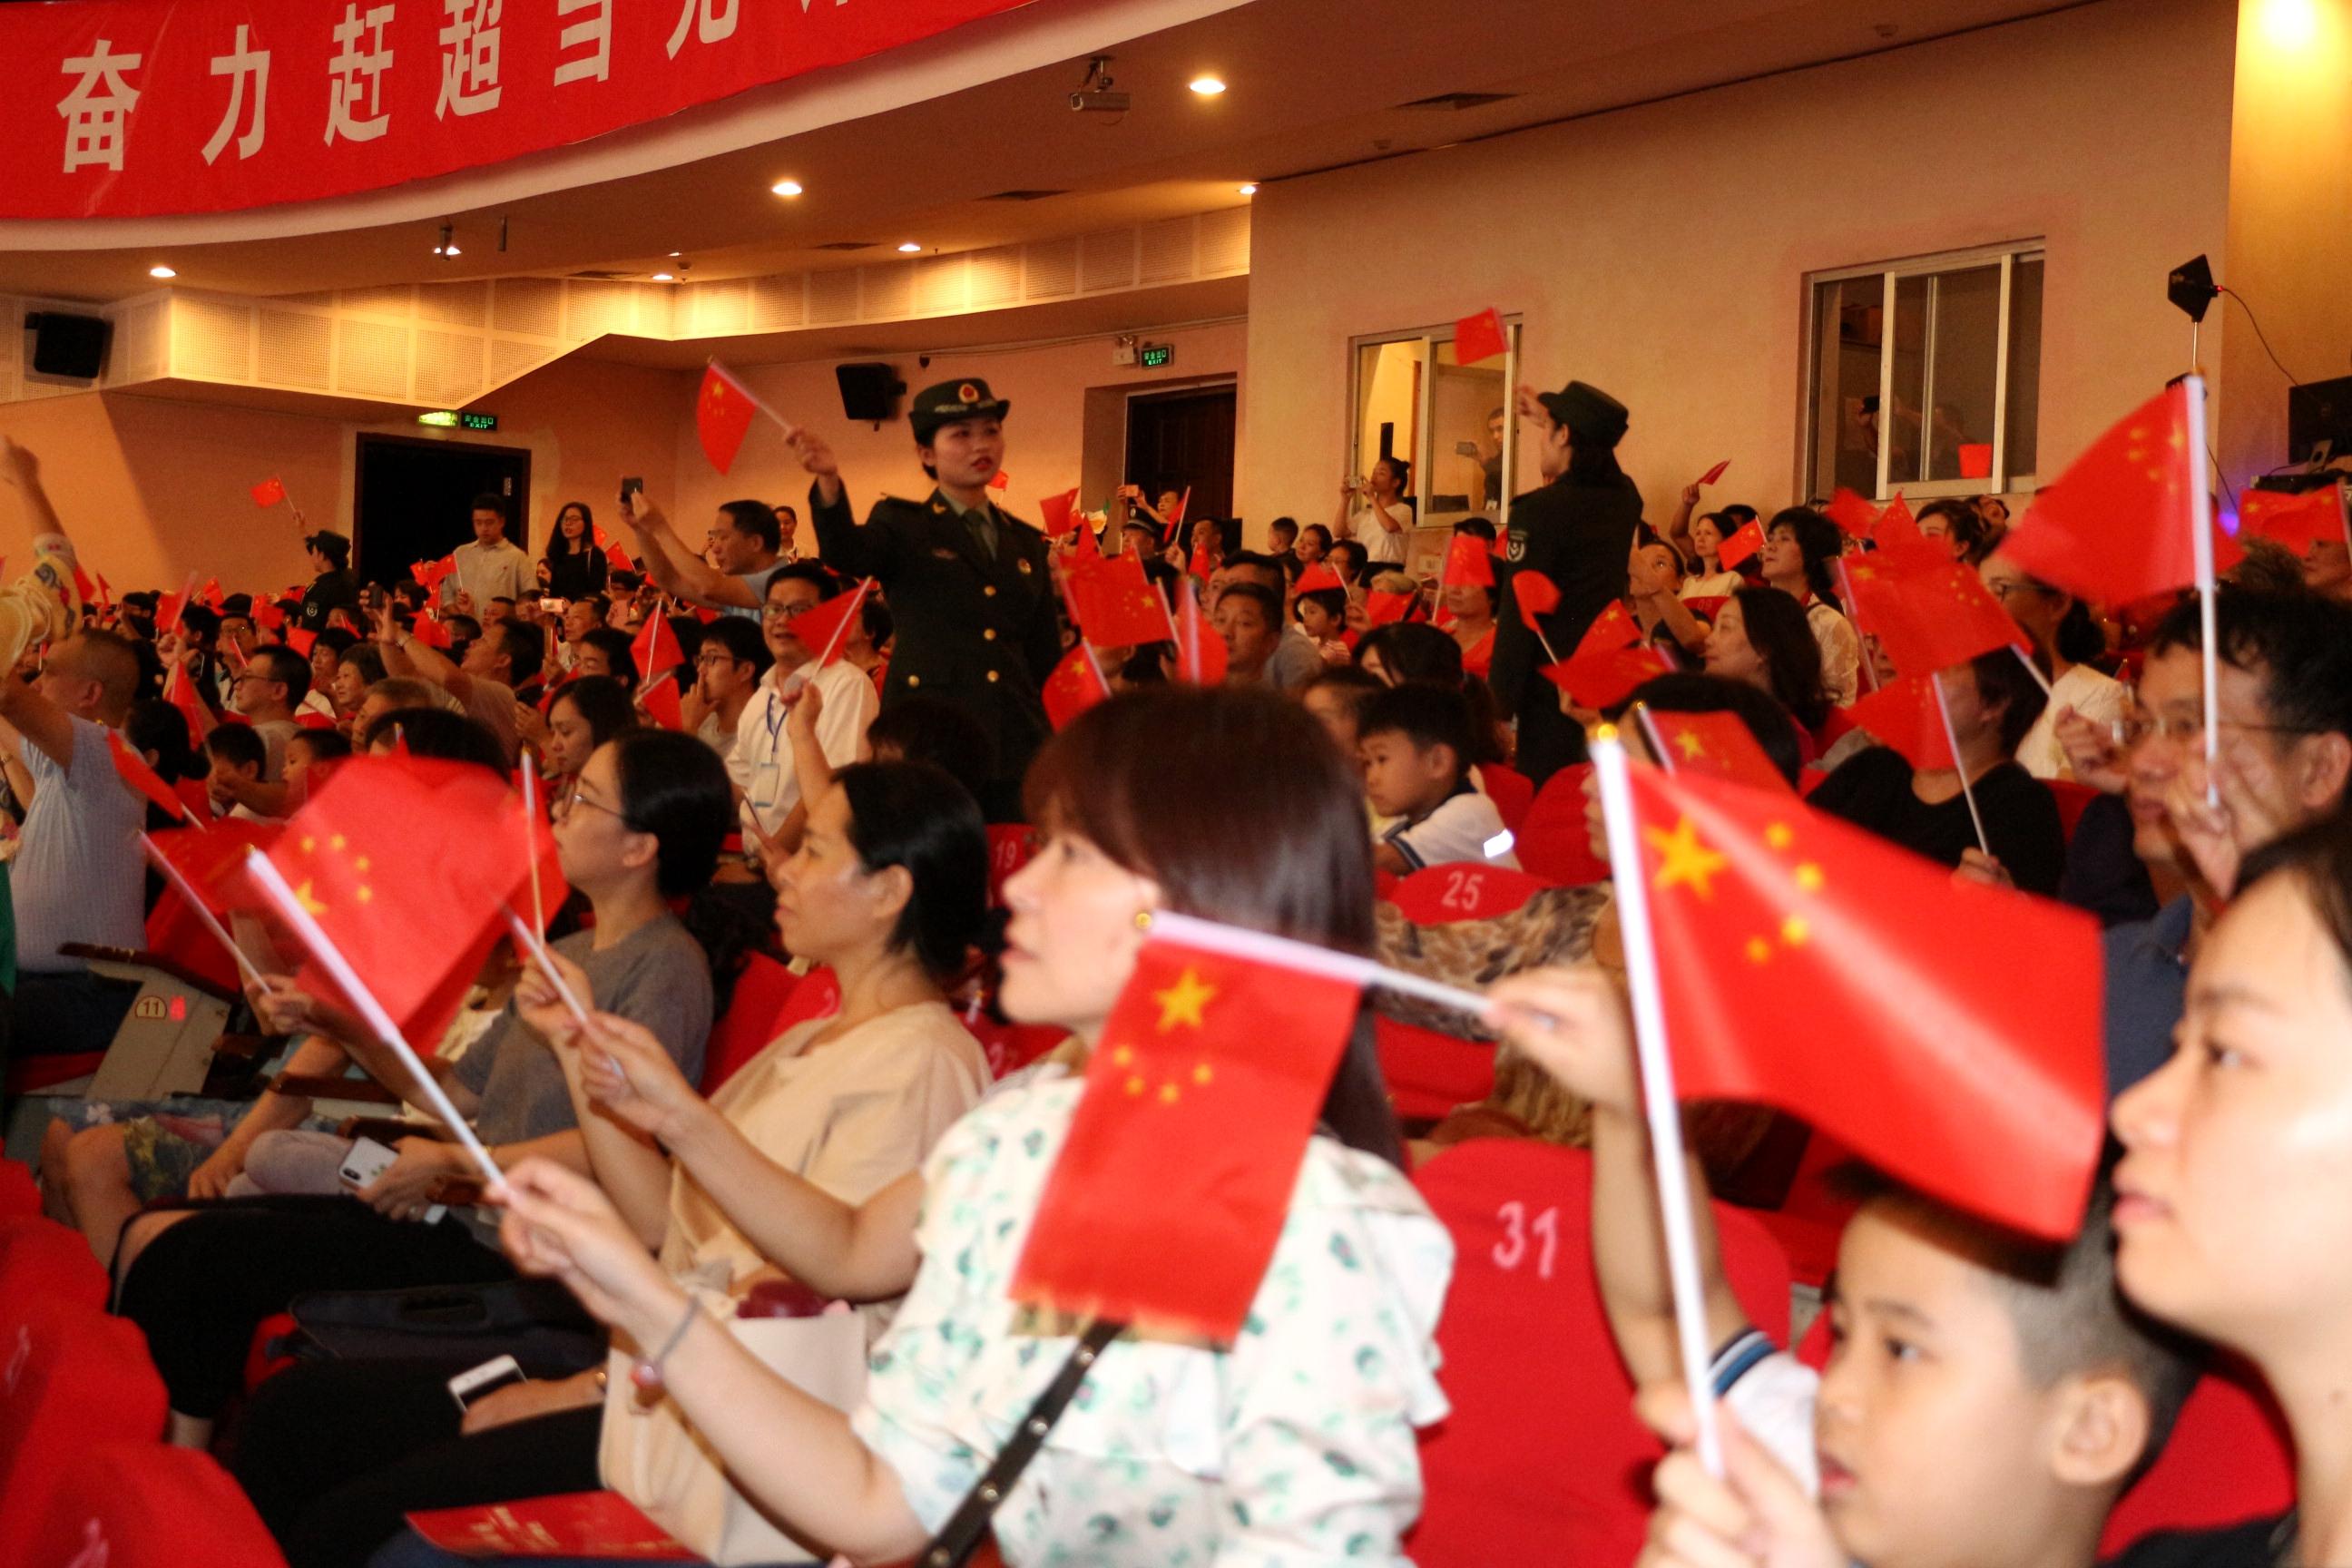 漳州市庆祝新中国成立70周年文艺演出举行